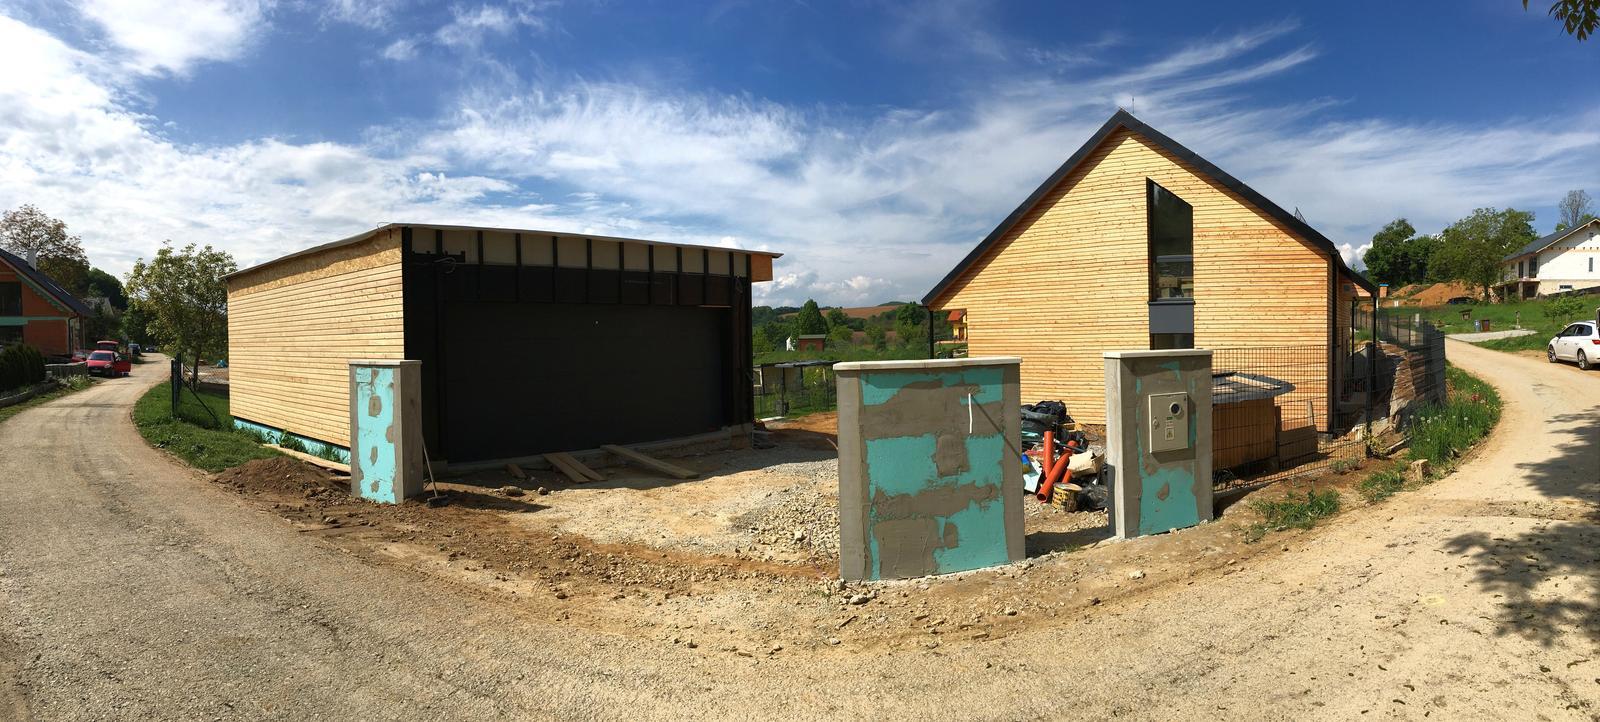 Nový dom v starom sade - Aspoň vonku mierny pokrok, obkladá sa garáž a príprava na bráničku a bránu hotová. Na garáži bude zelená strecha